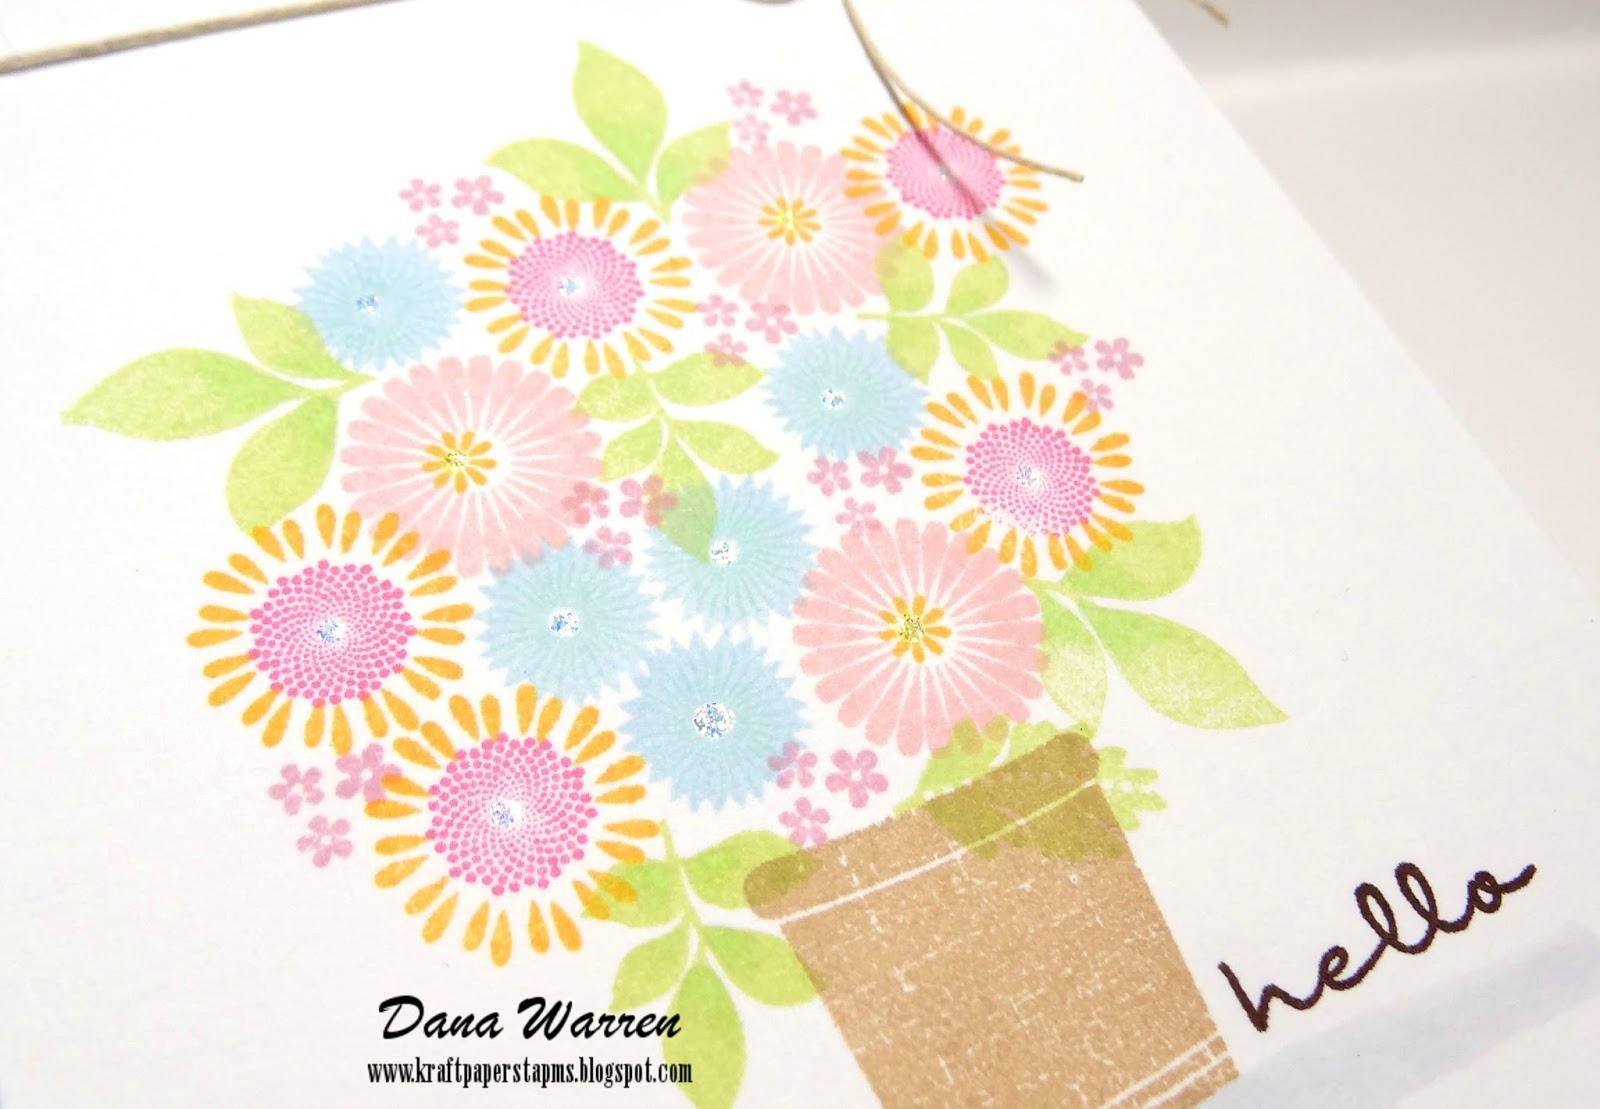 Dana Warren - Kraft Paper Stamps - Papertrey Ink